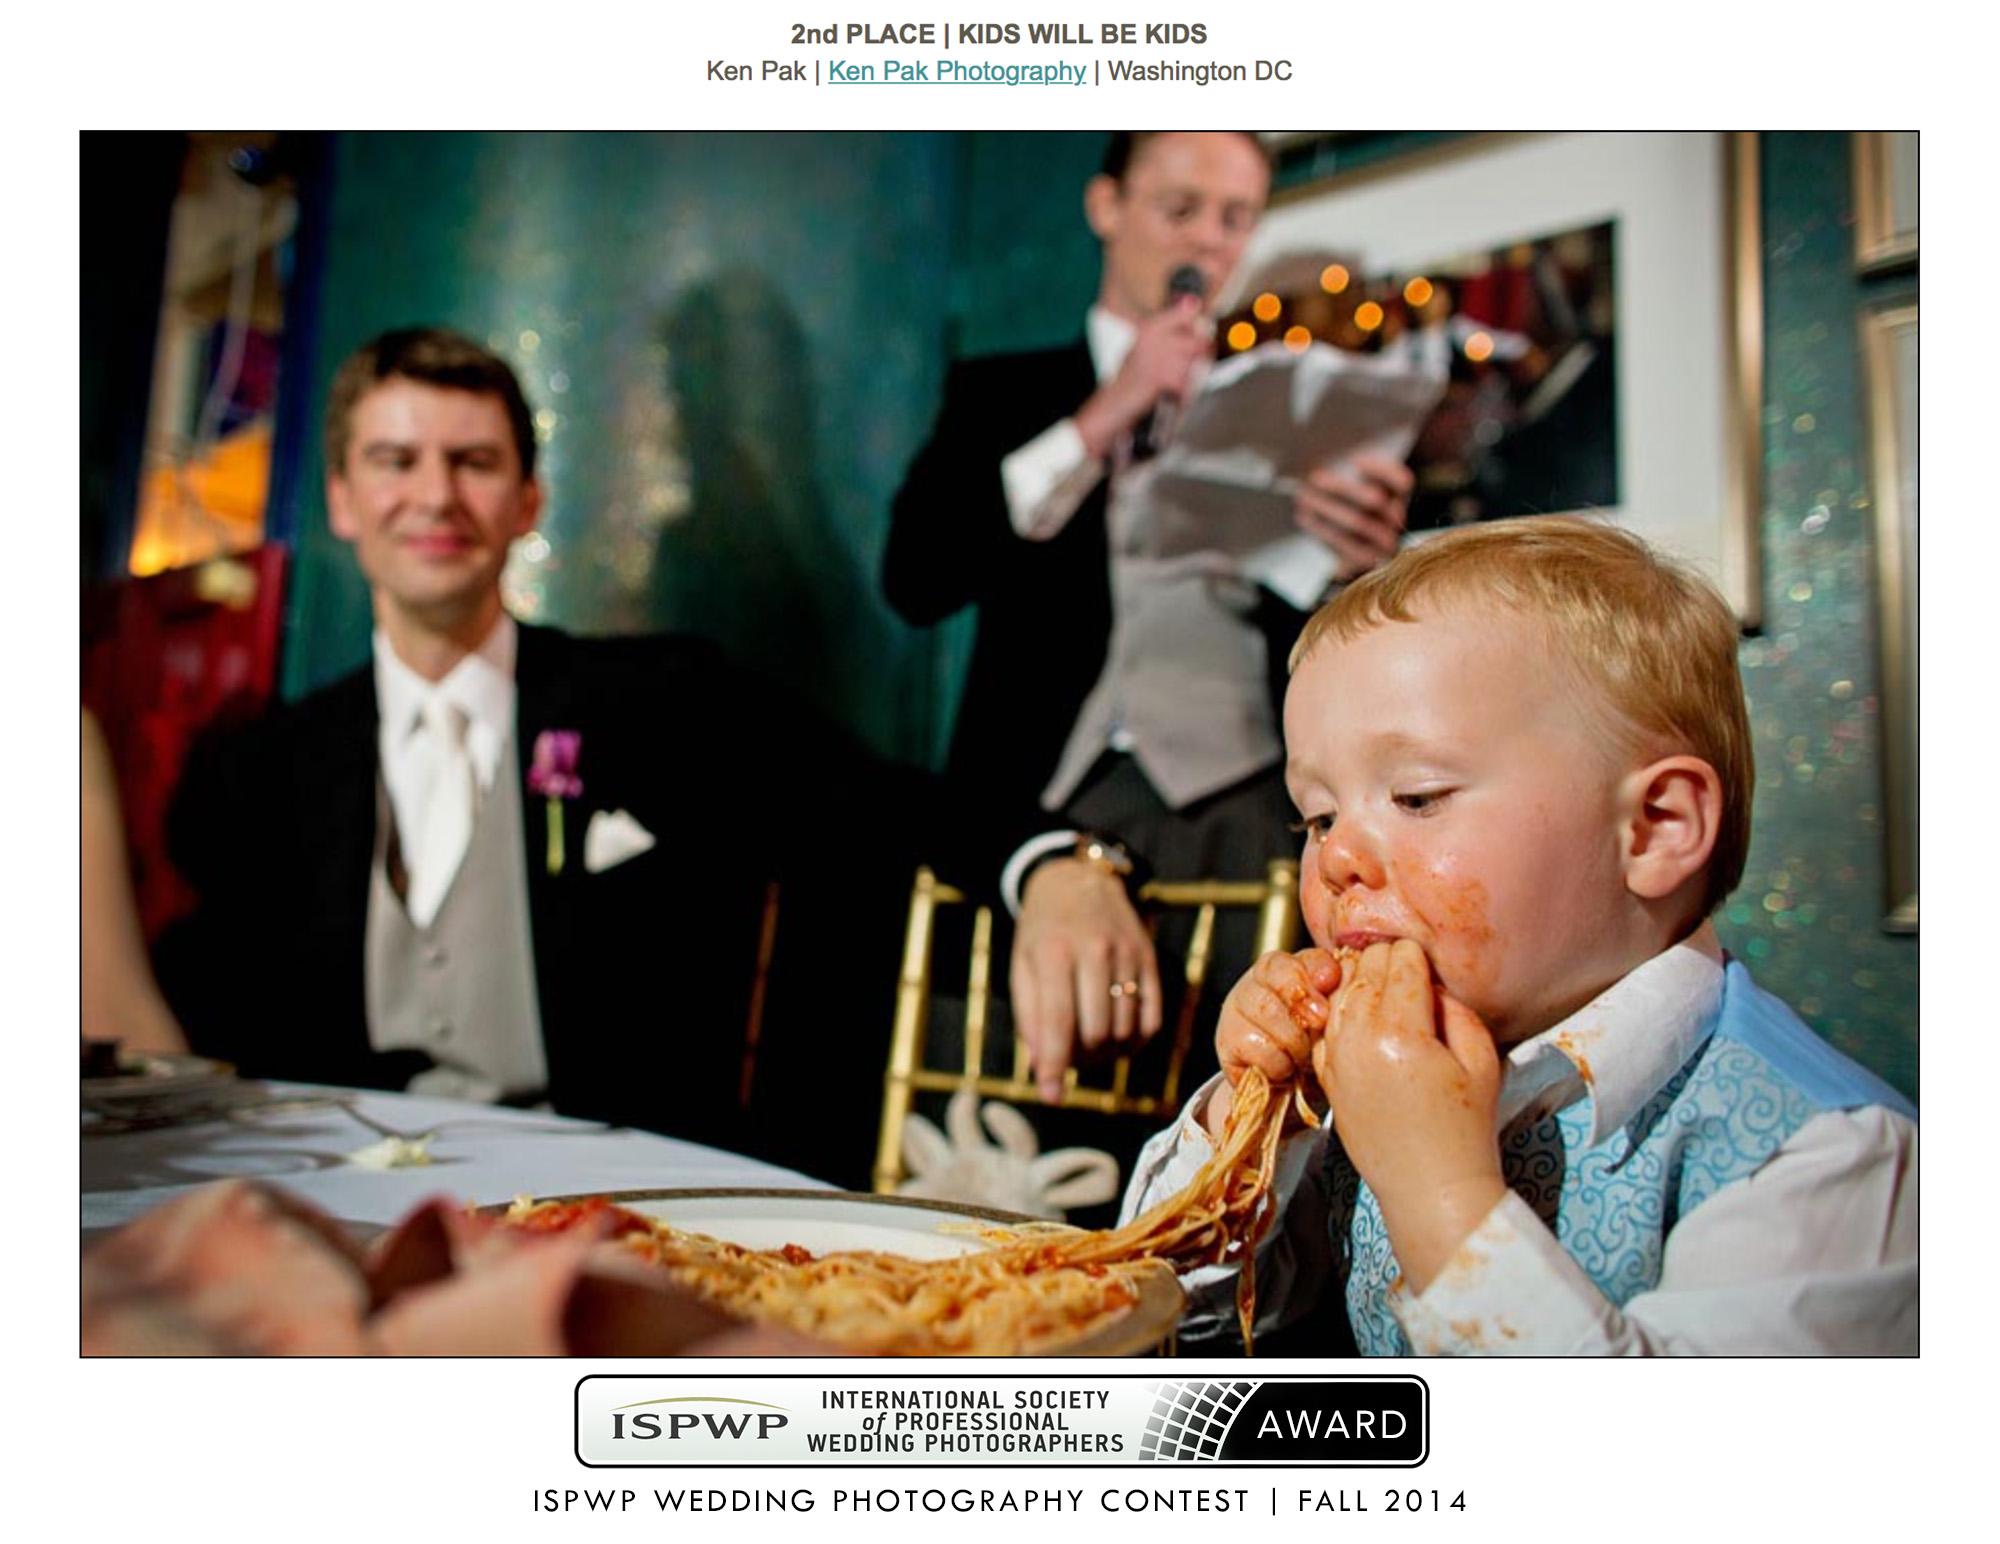 ISPWP 2014 FALL KIDS WILL BE KIDS  2.jpg